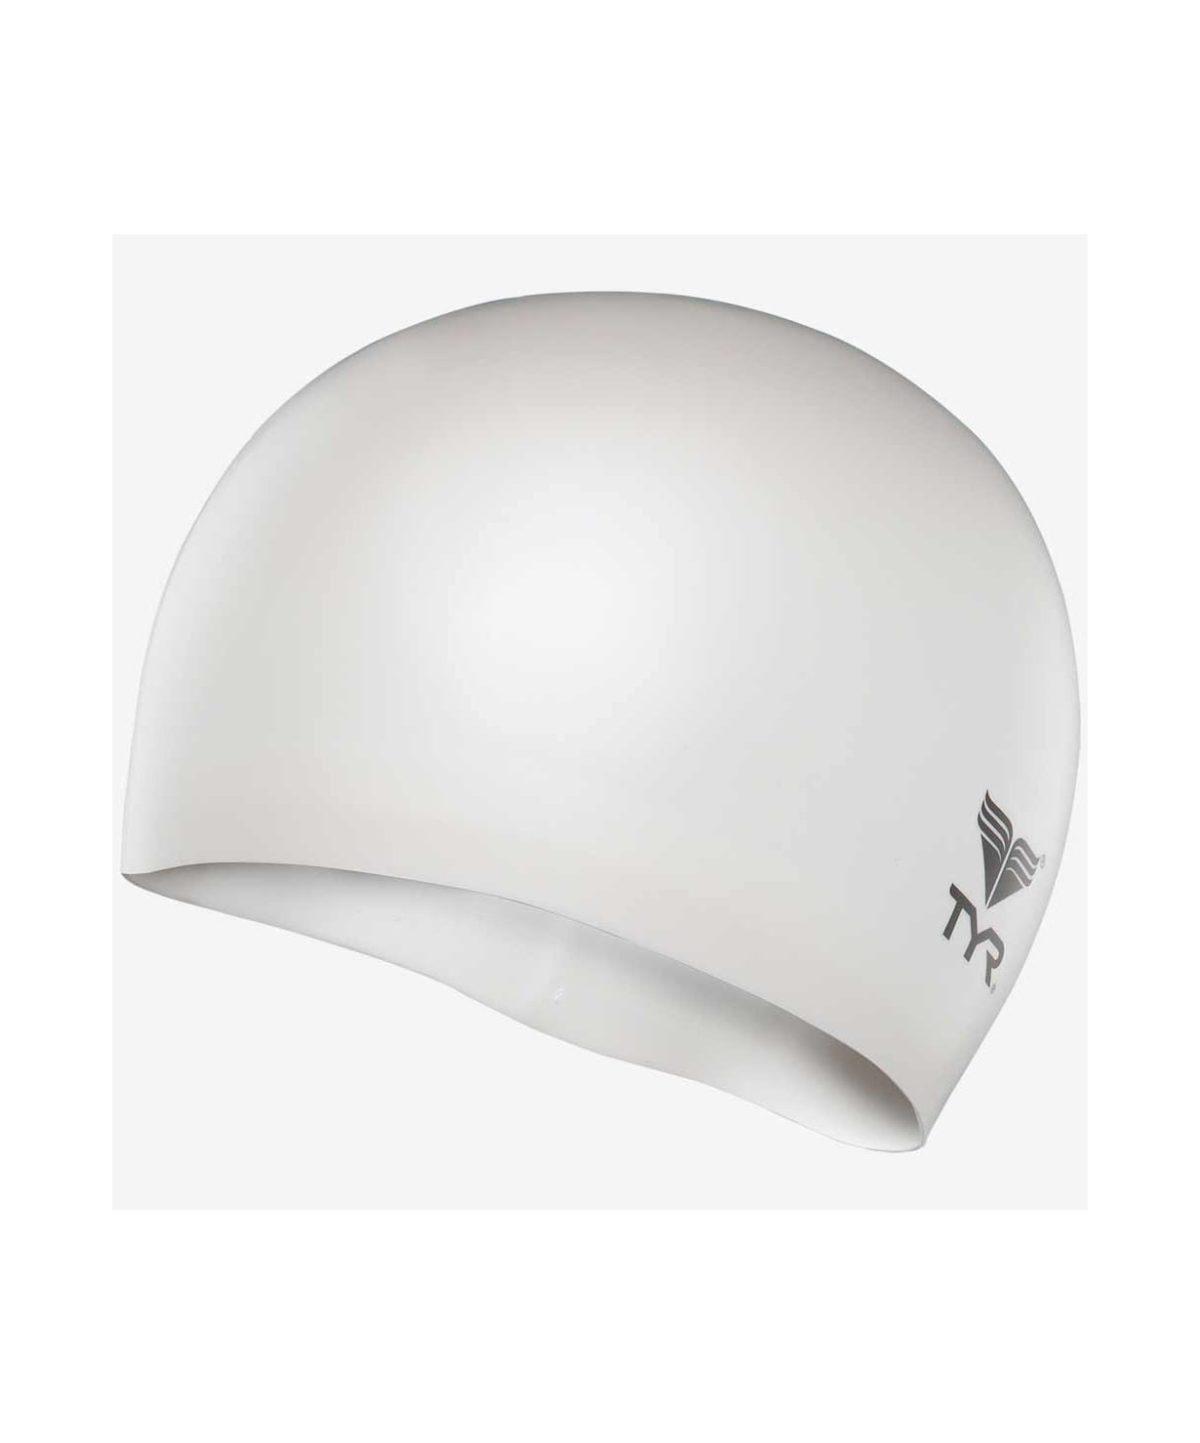 TYR Wrinkle Free Junior Silicone Cap Шапочка для плавания силикон  LCSJR - 2